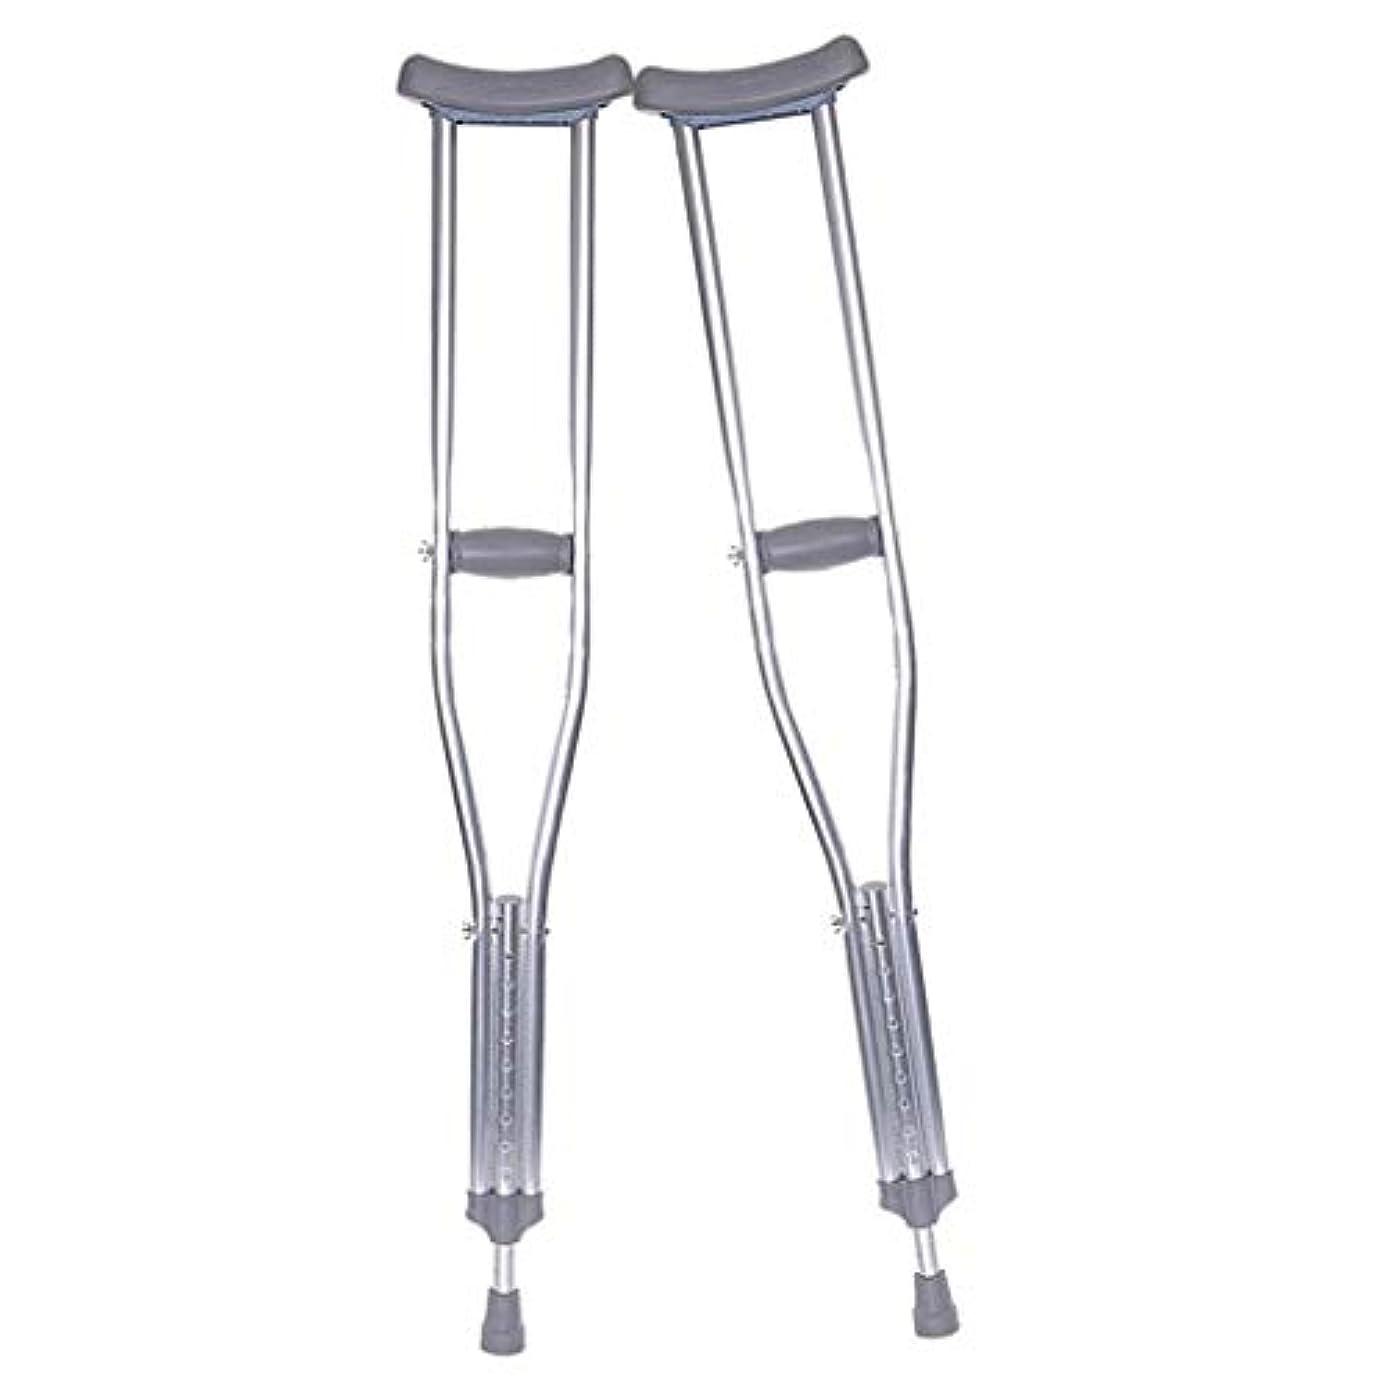 樫の木カウボーイバスケットボールアルミニウム軽量の腋窩松葉杖、調節可能な高さの滑り止めの大人の歩行者 - 1組